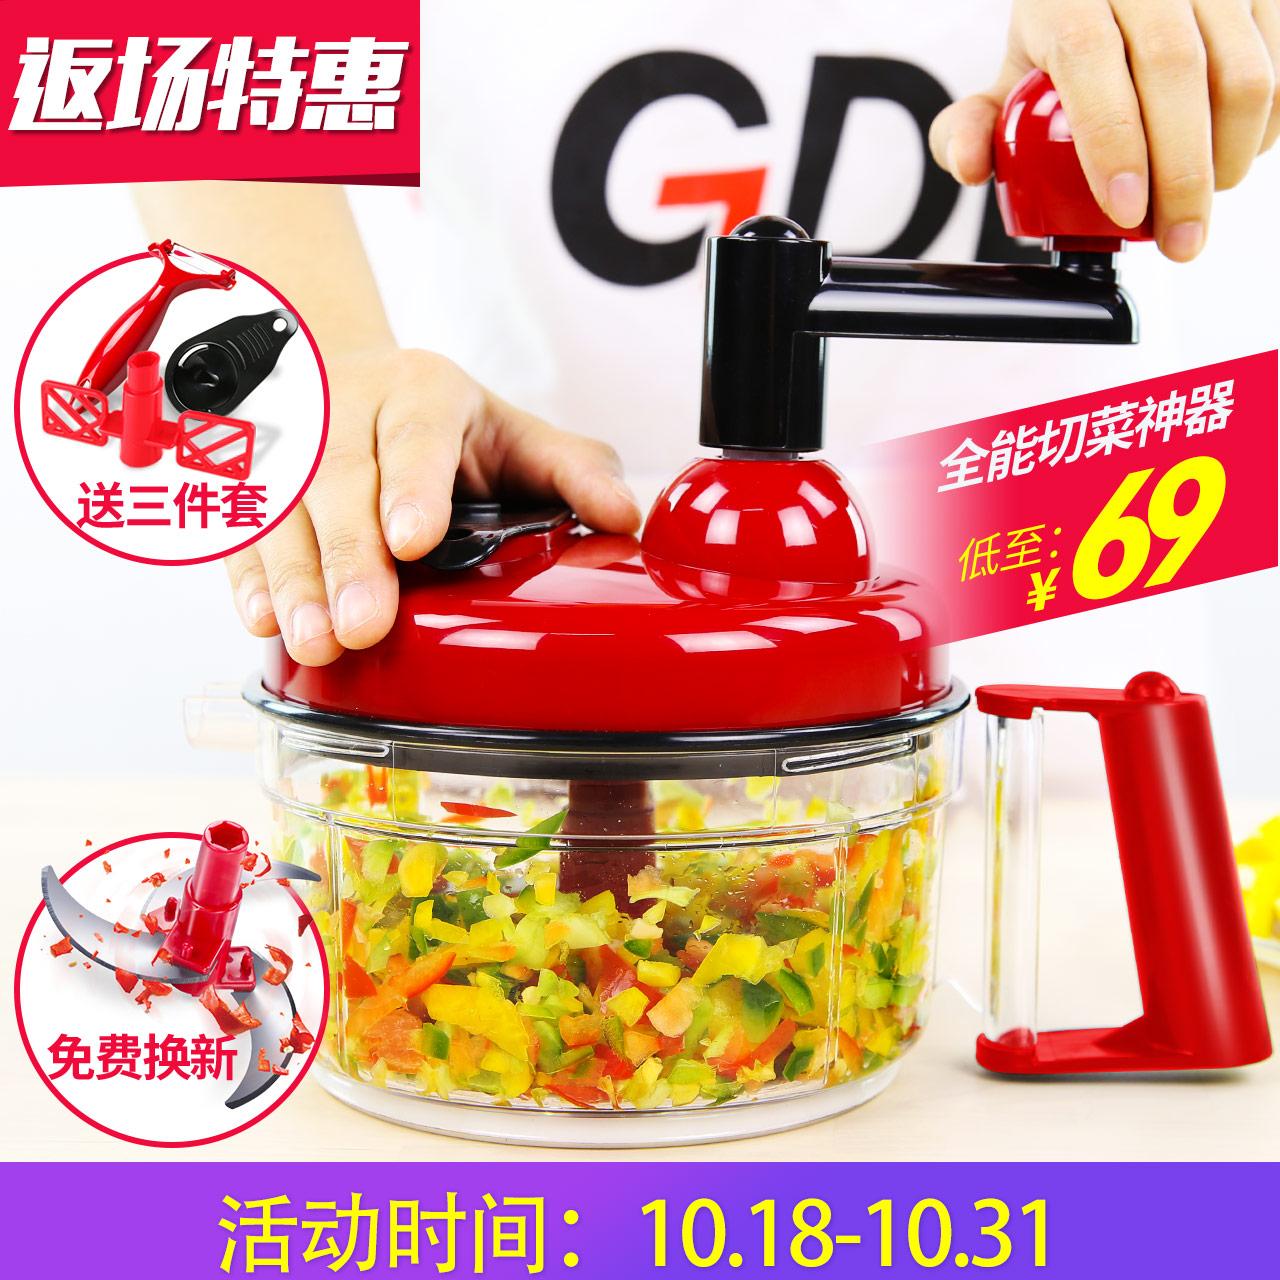 高达莱多功能切菜器神器碎菜绞菜饺子馅绞馅手动绞肉机搅蒜家用